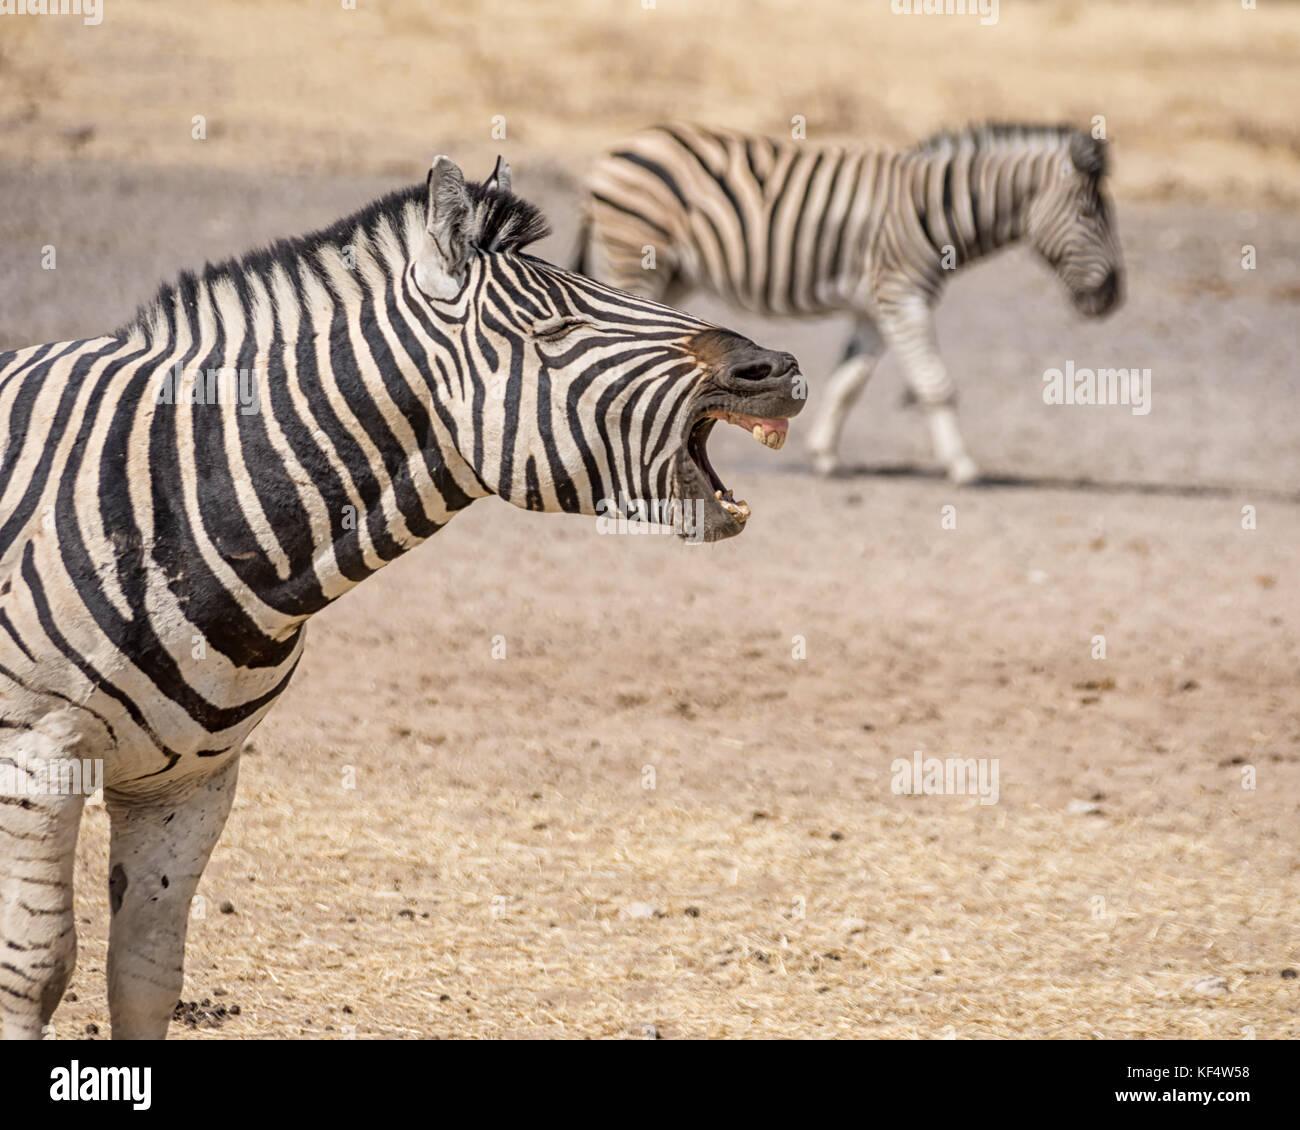 Un zèbre dans la savane namibienne d'appel permanent Photo Stock